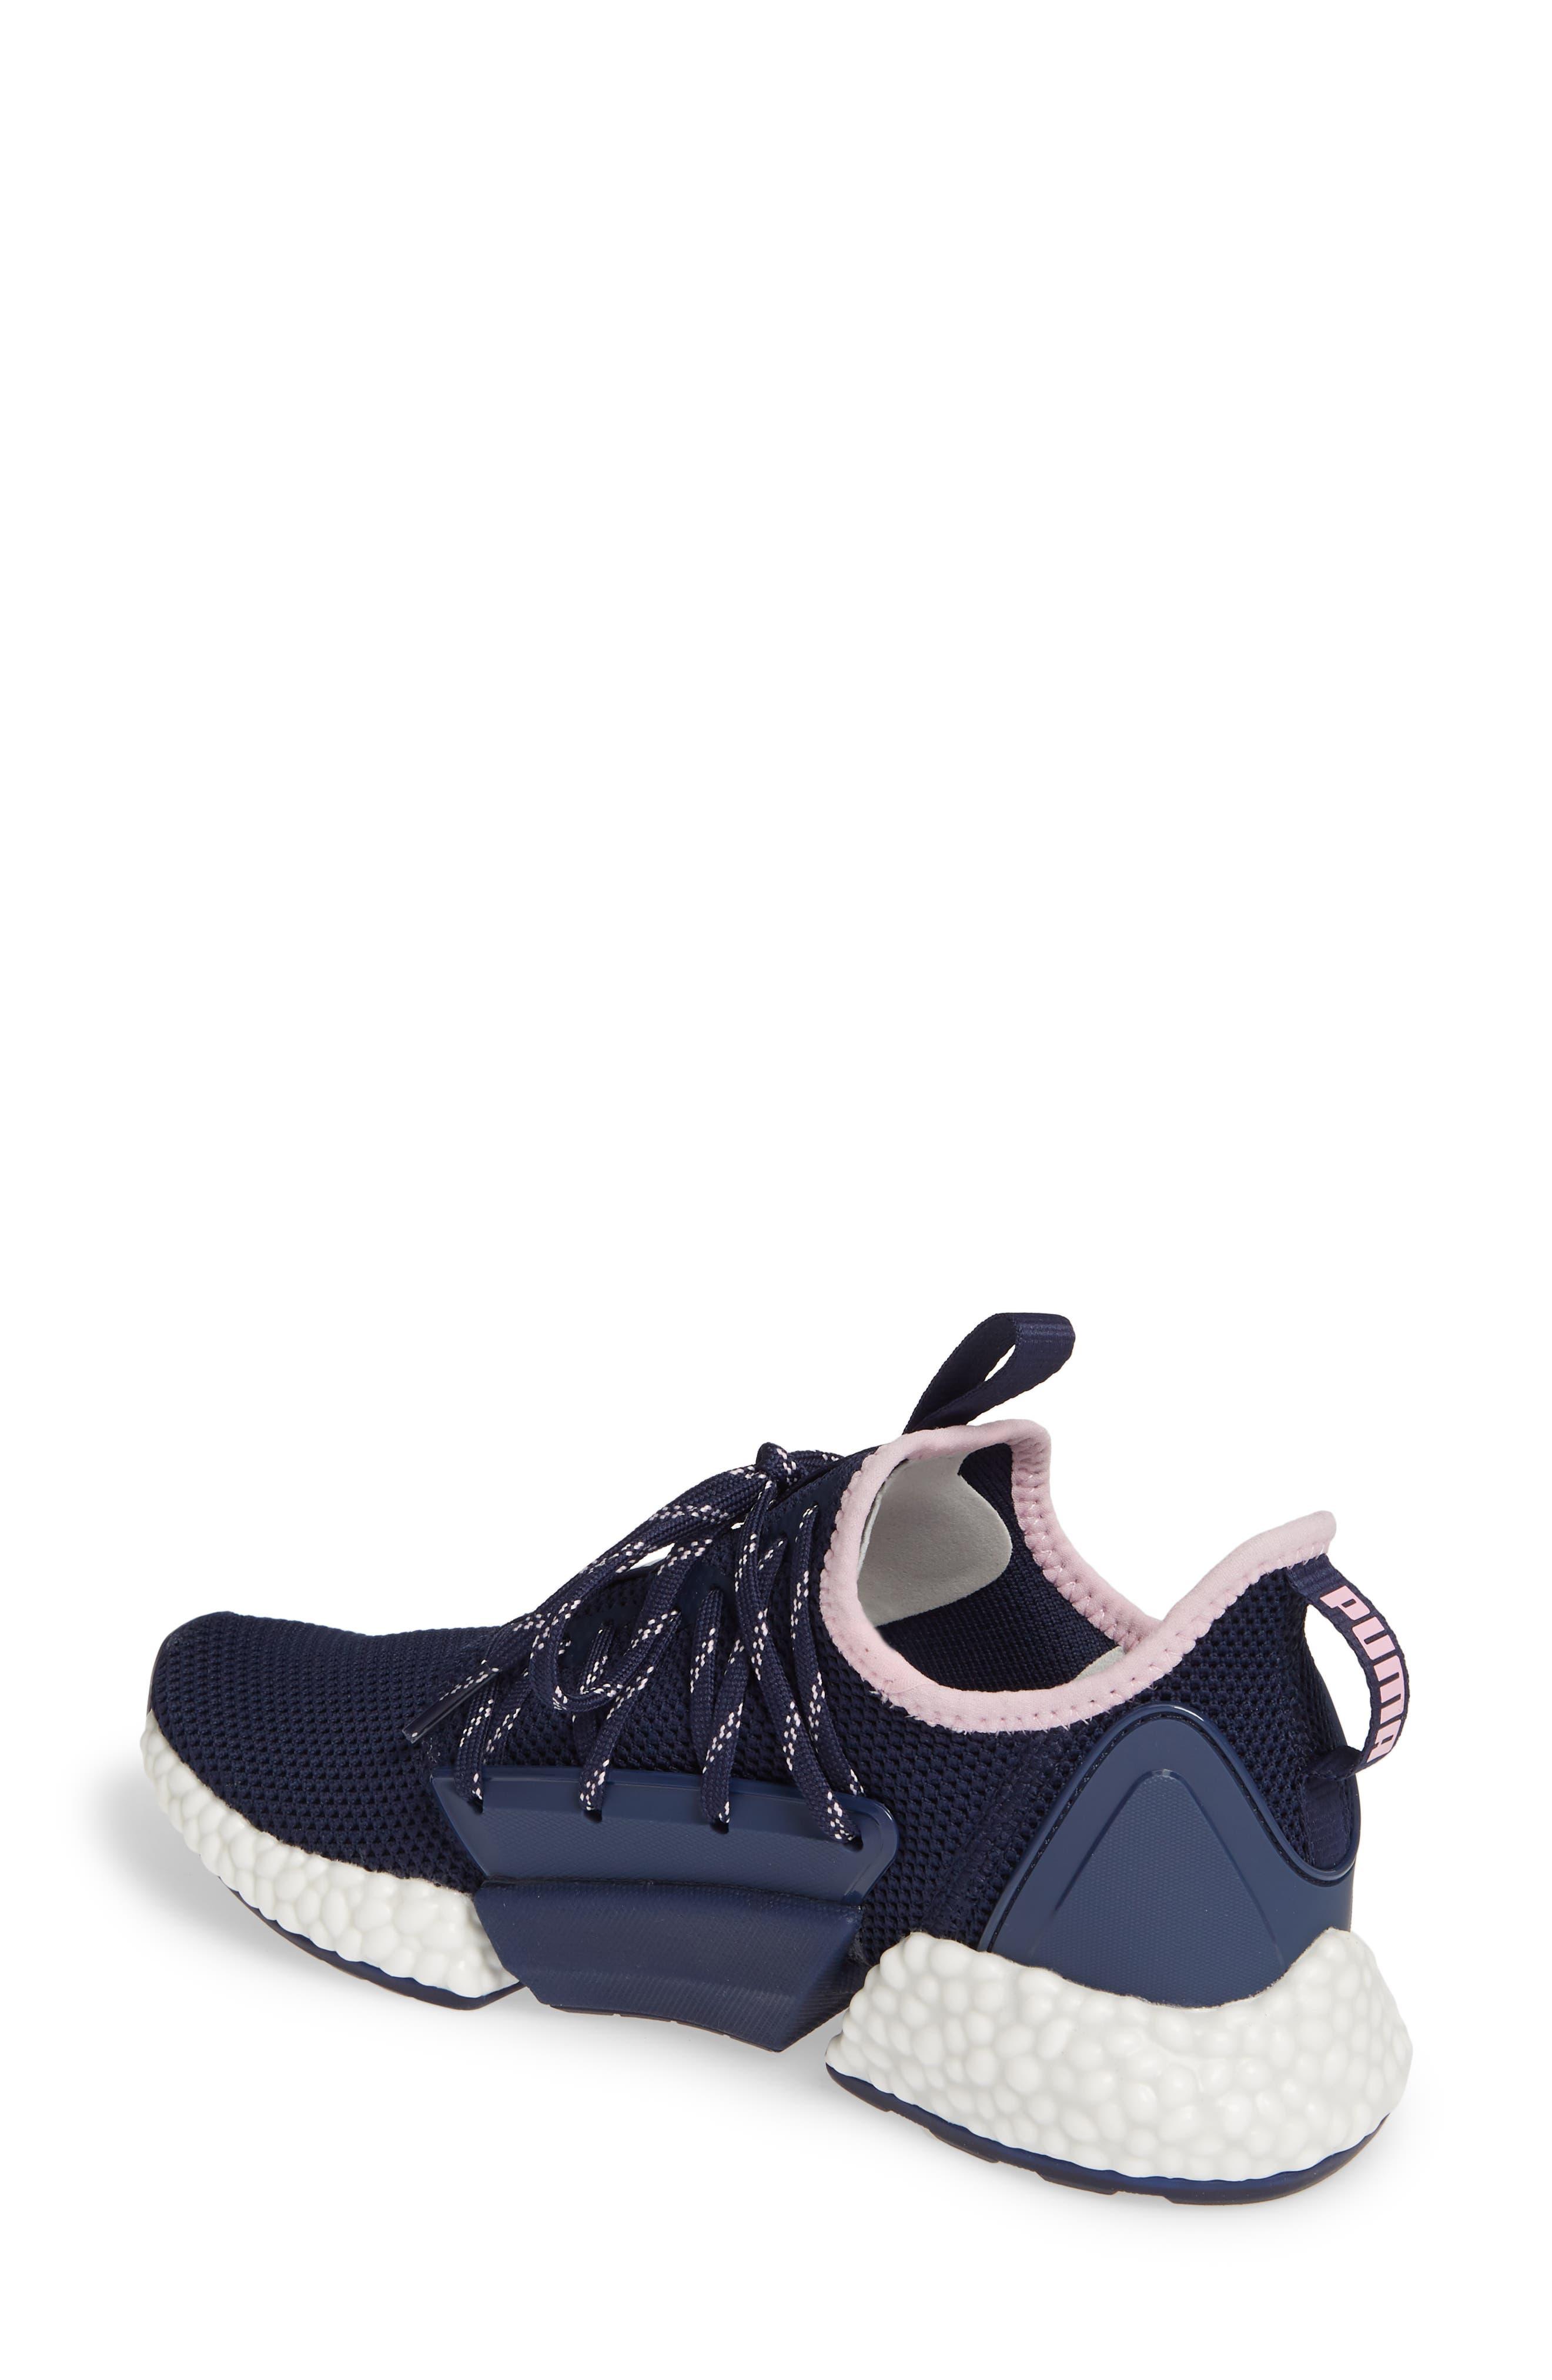 a7841dd1dc69b0 PUMA Shoes for Women